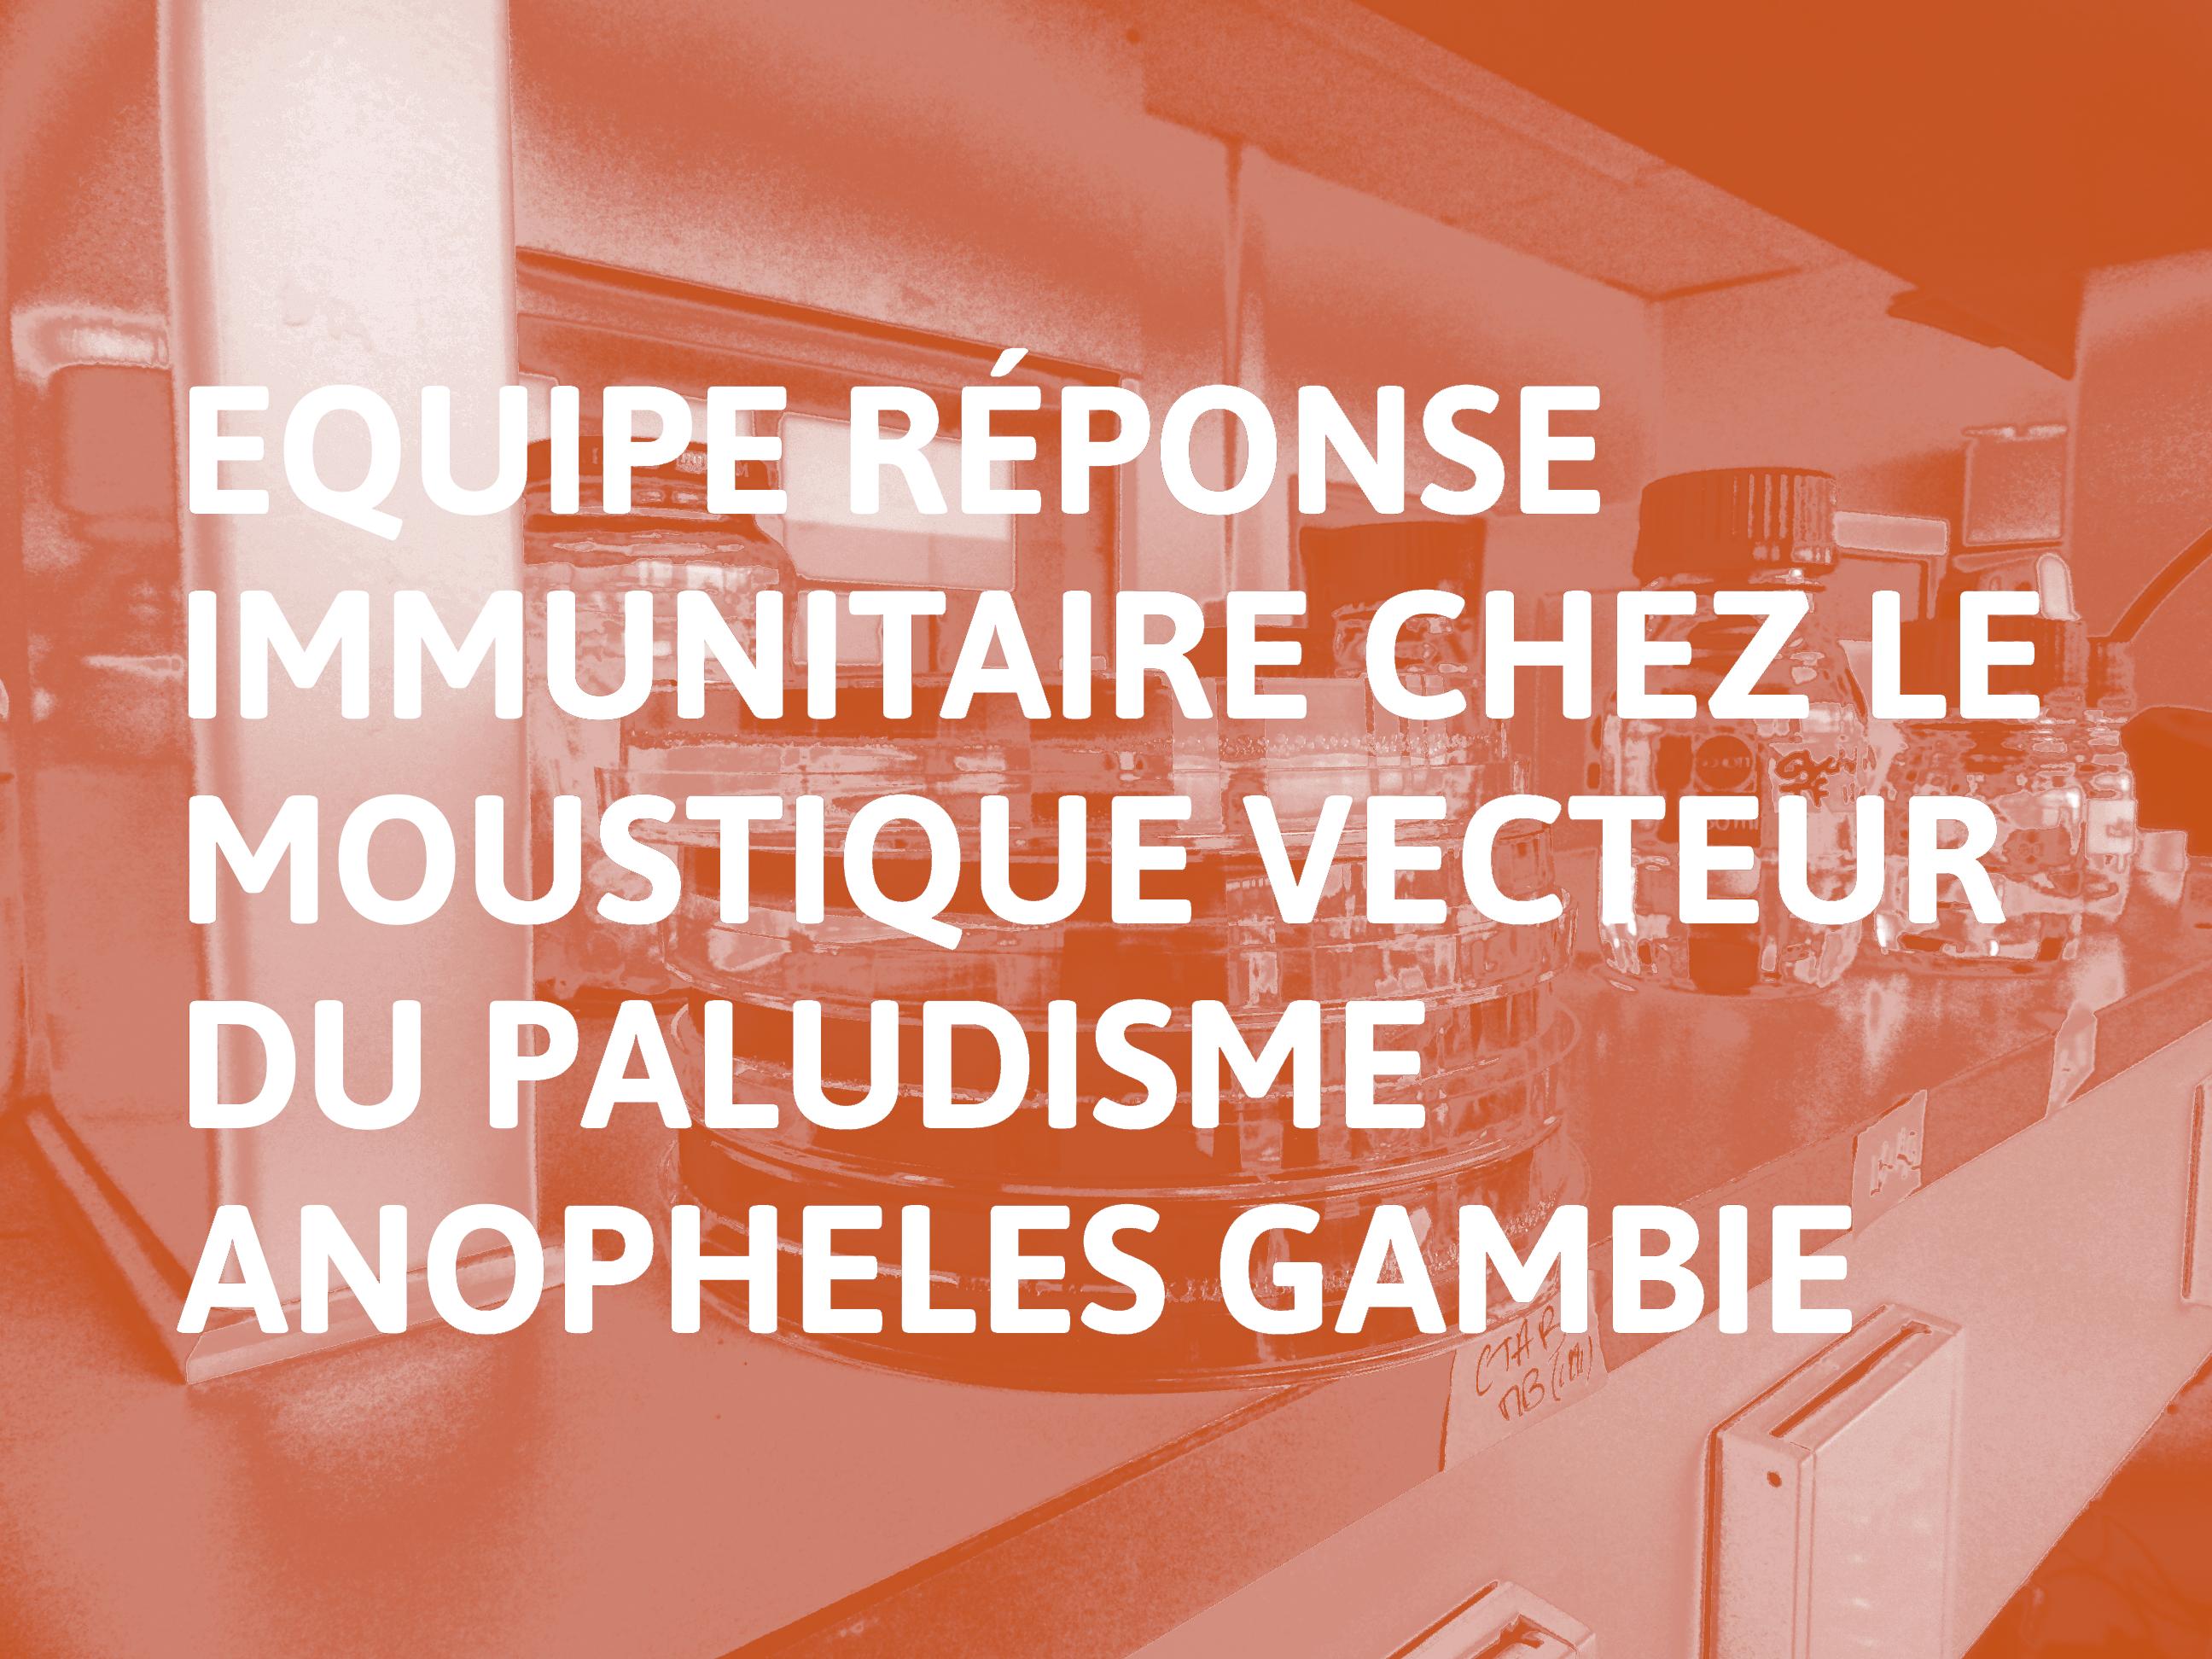 EquipeRéponse_immunitaire_chez_le_moustiquevecteur_du_paludisme_Anopheles_gambie